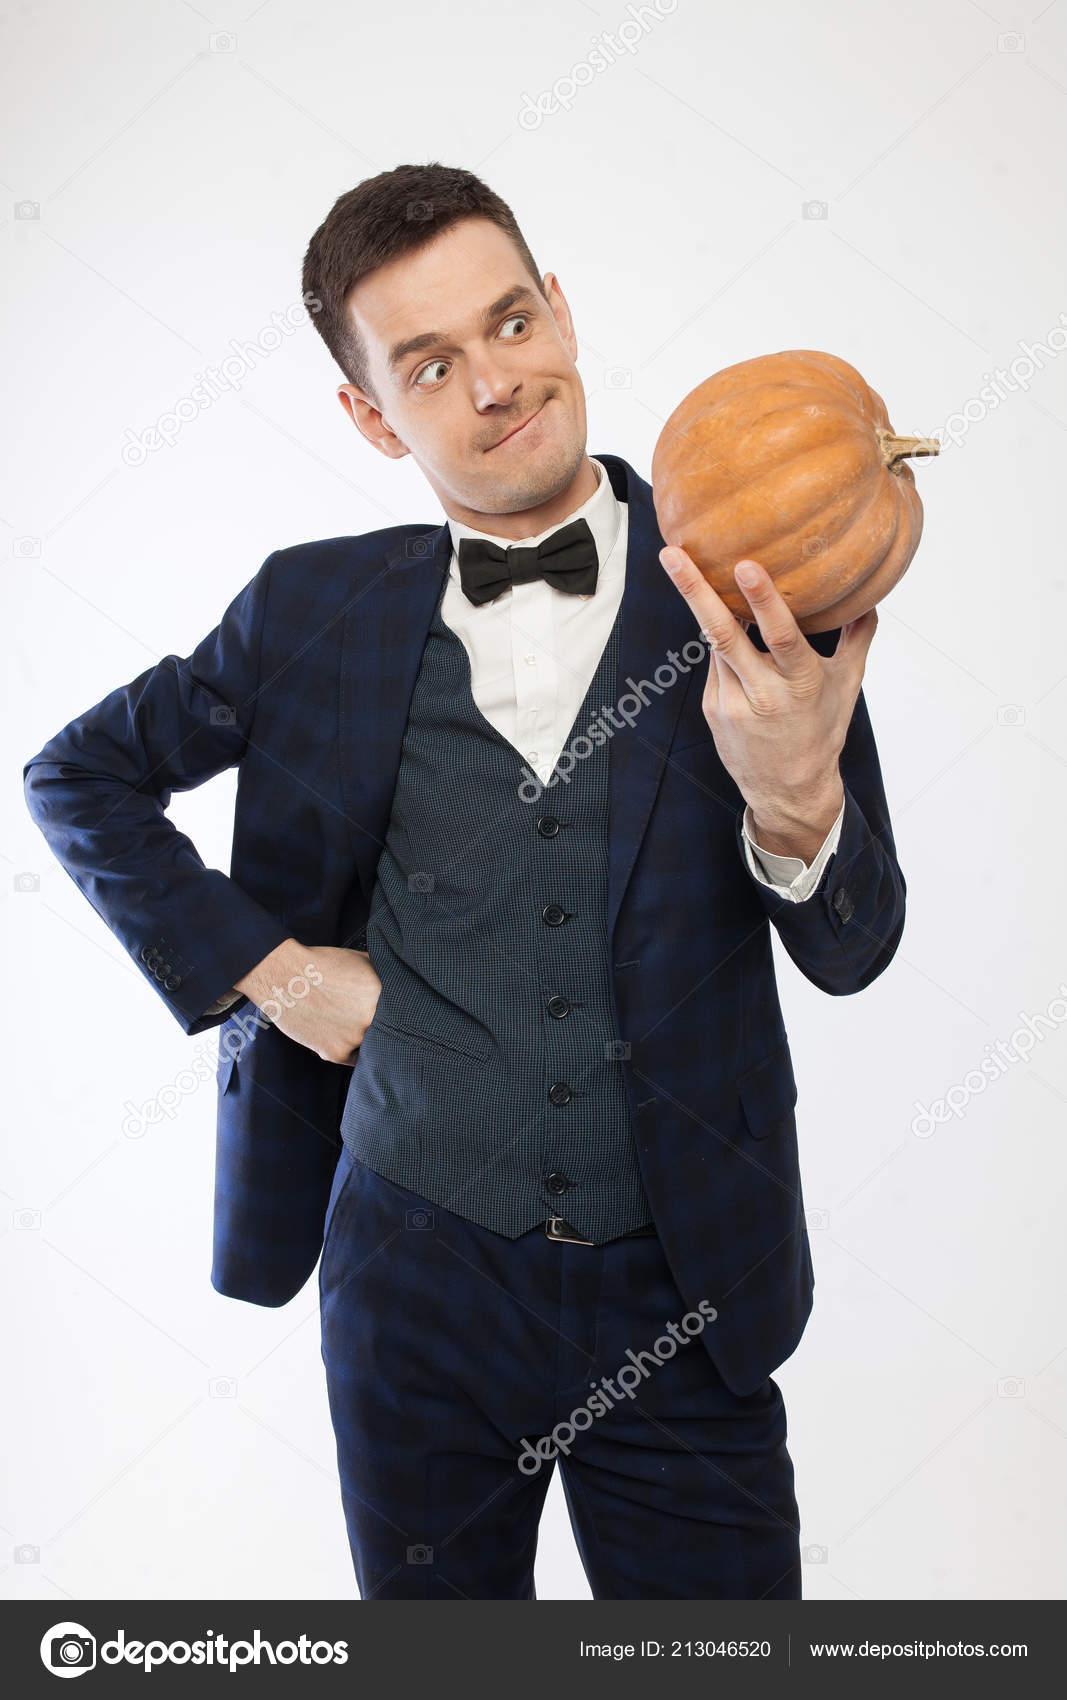 Pumpkin Men with Dress Shirt Tie